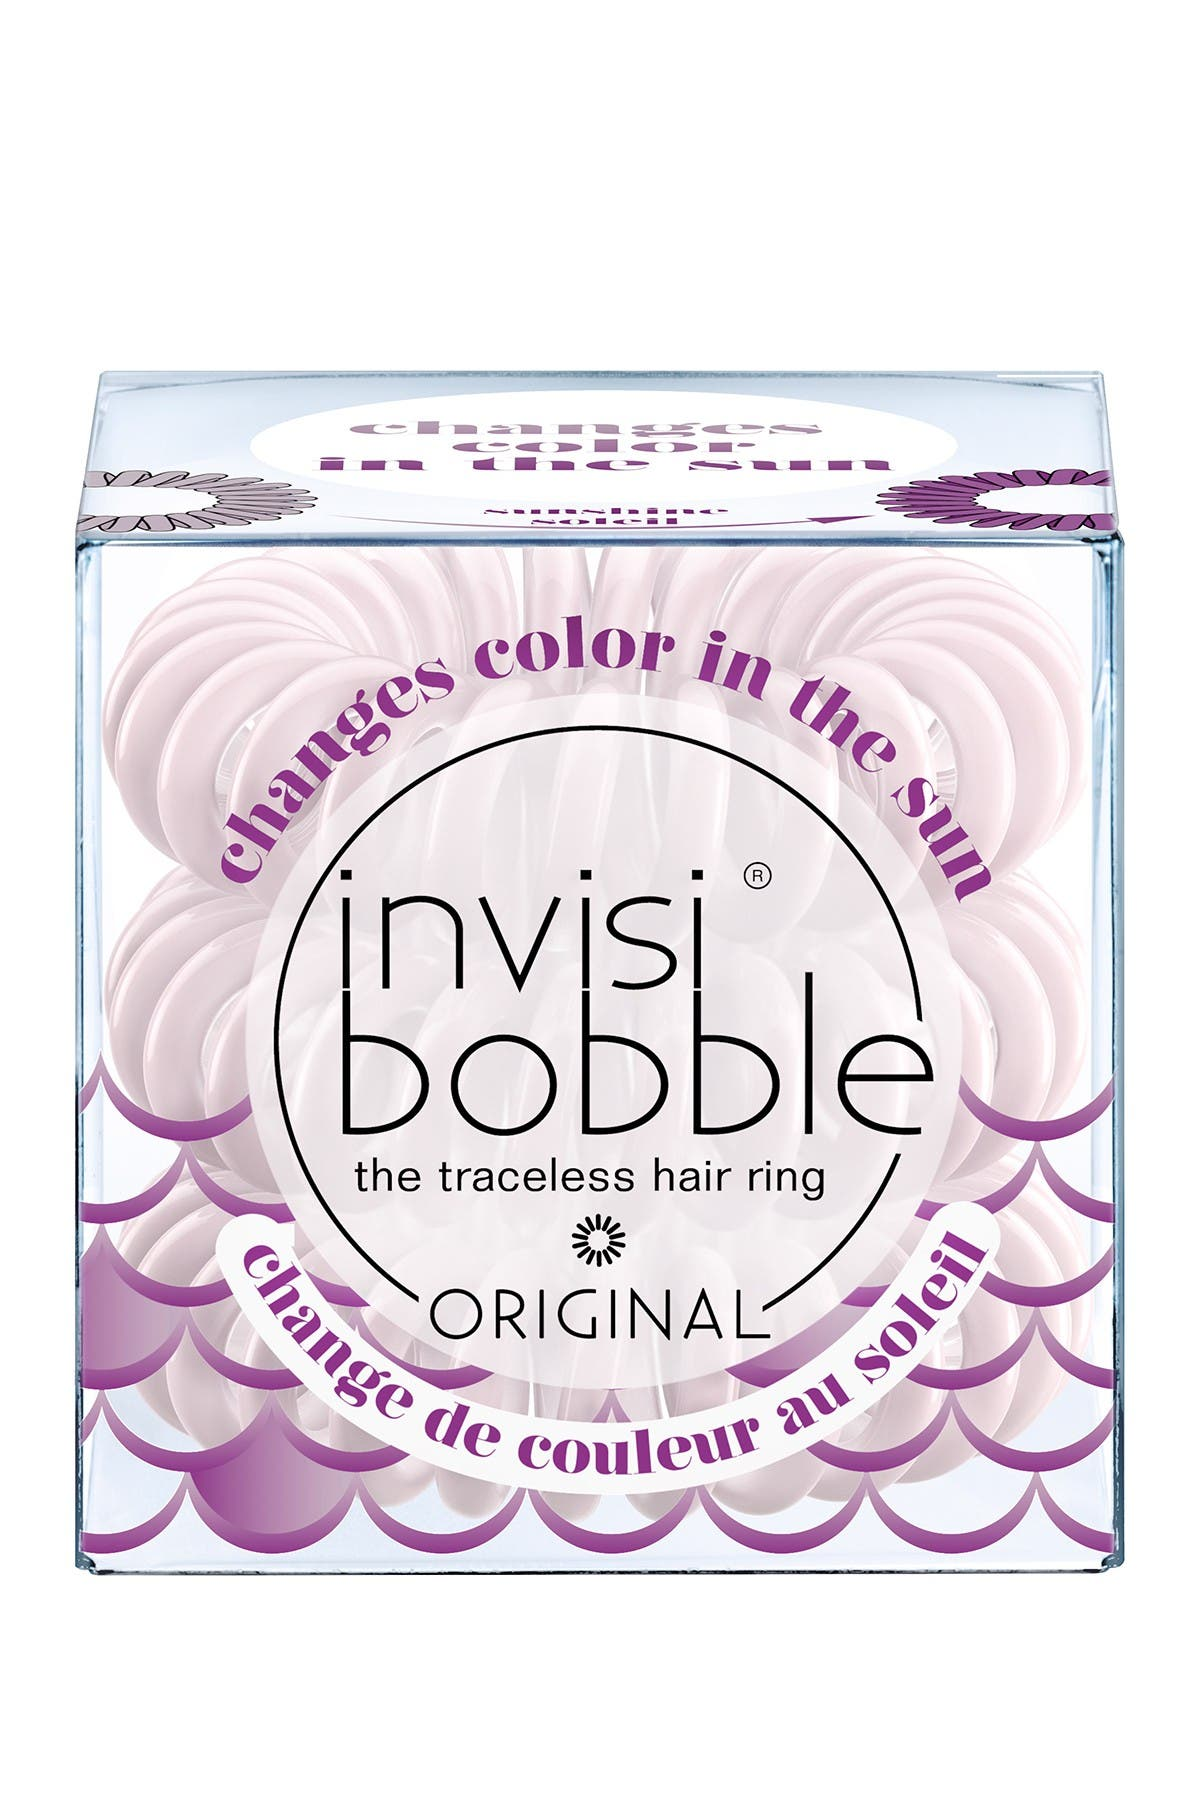 Image of Invisibobble Original Hair Tie - Set of 12